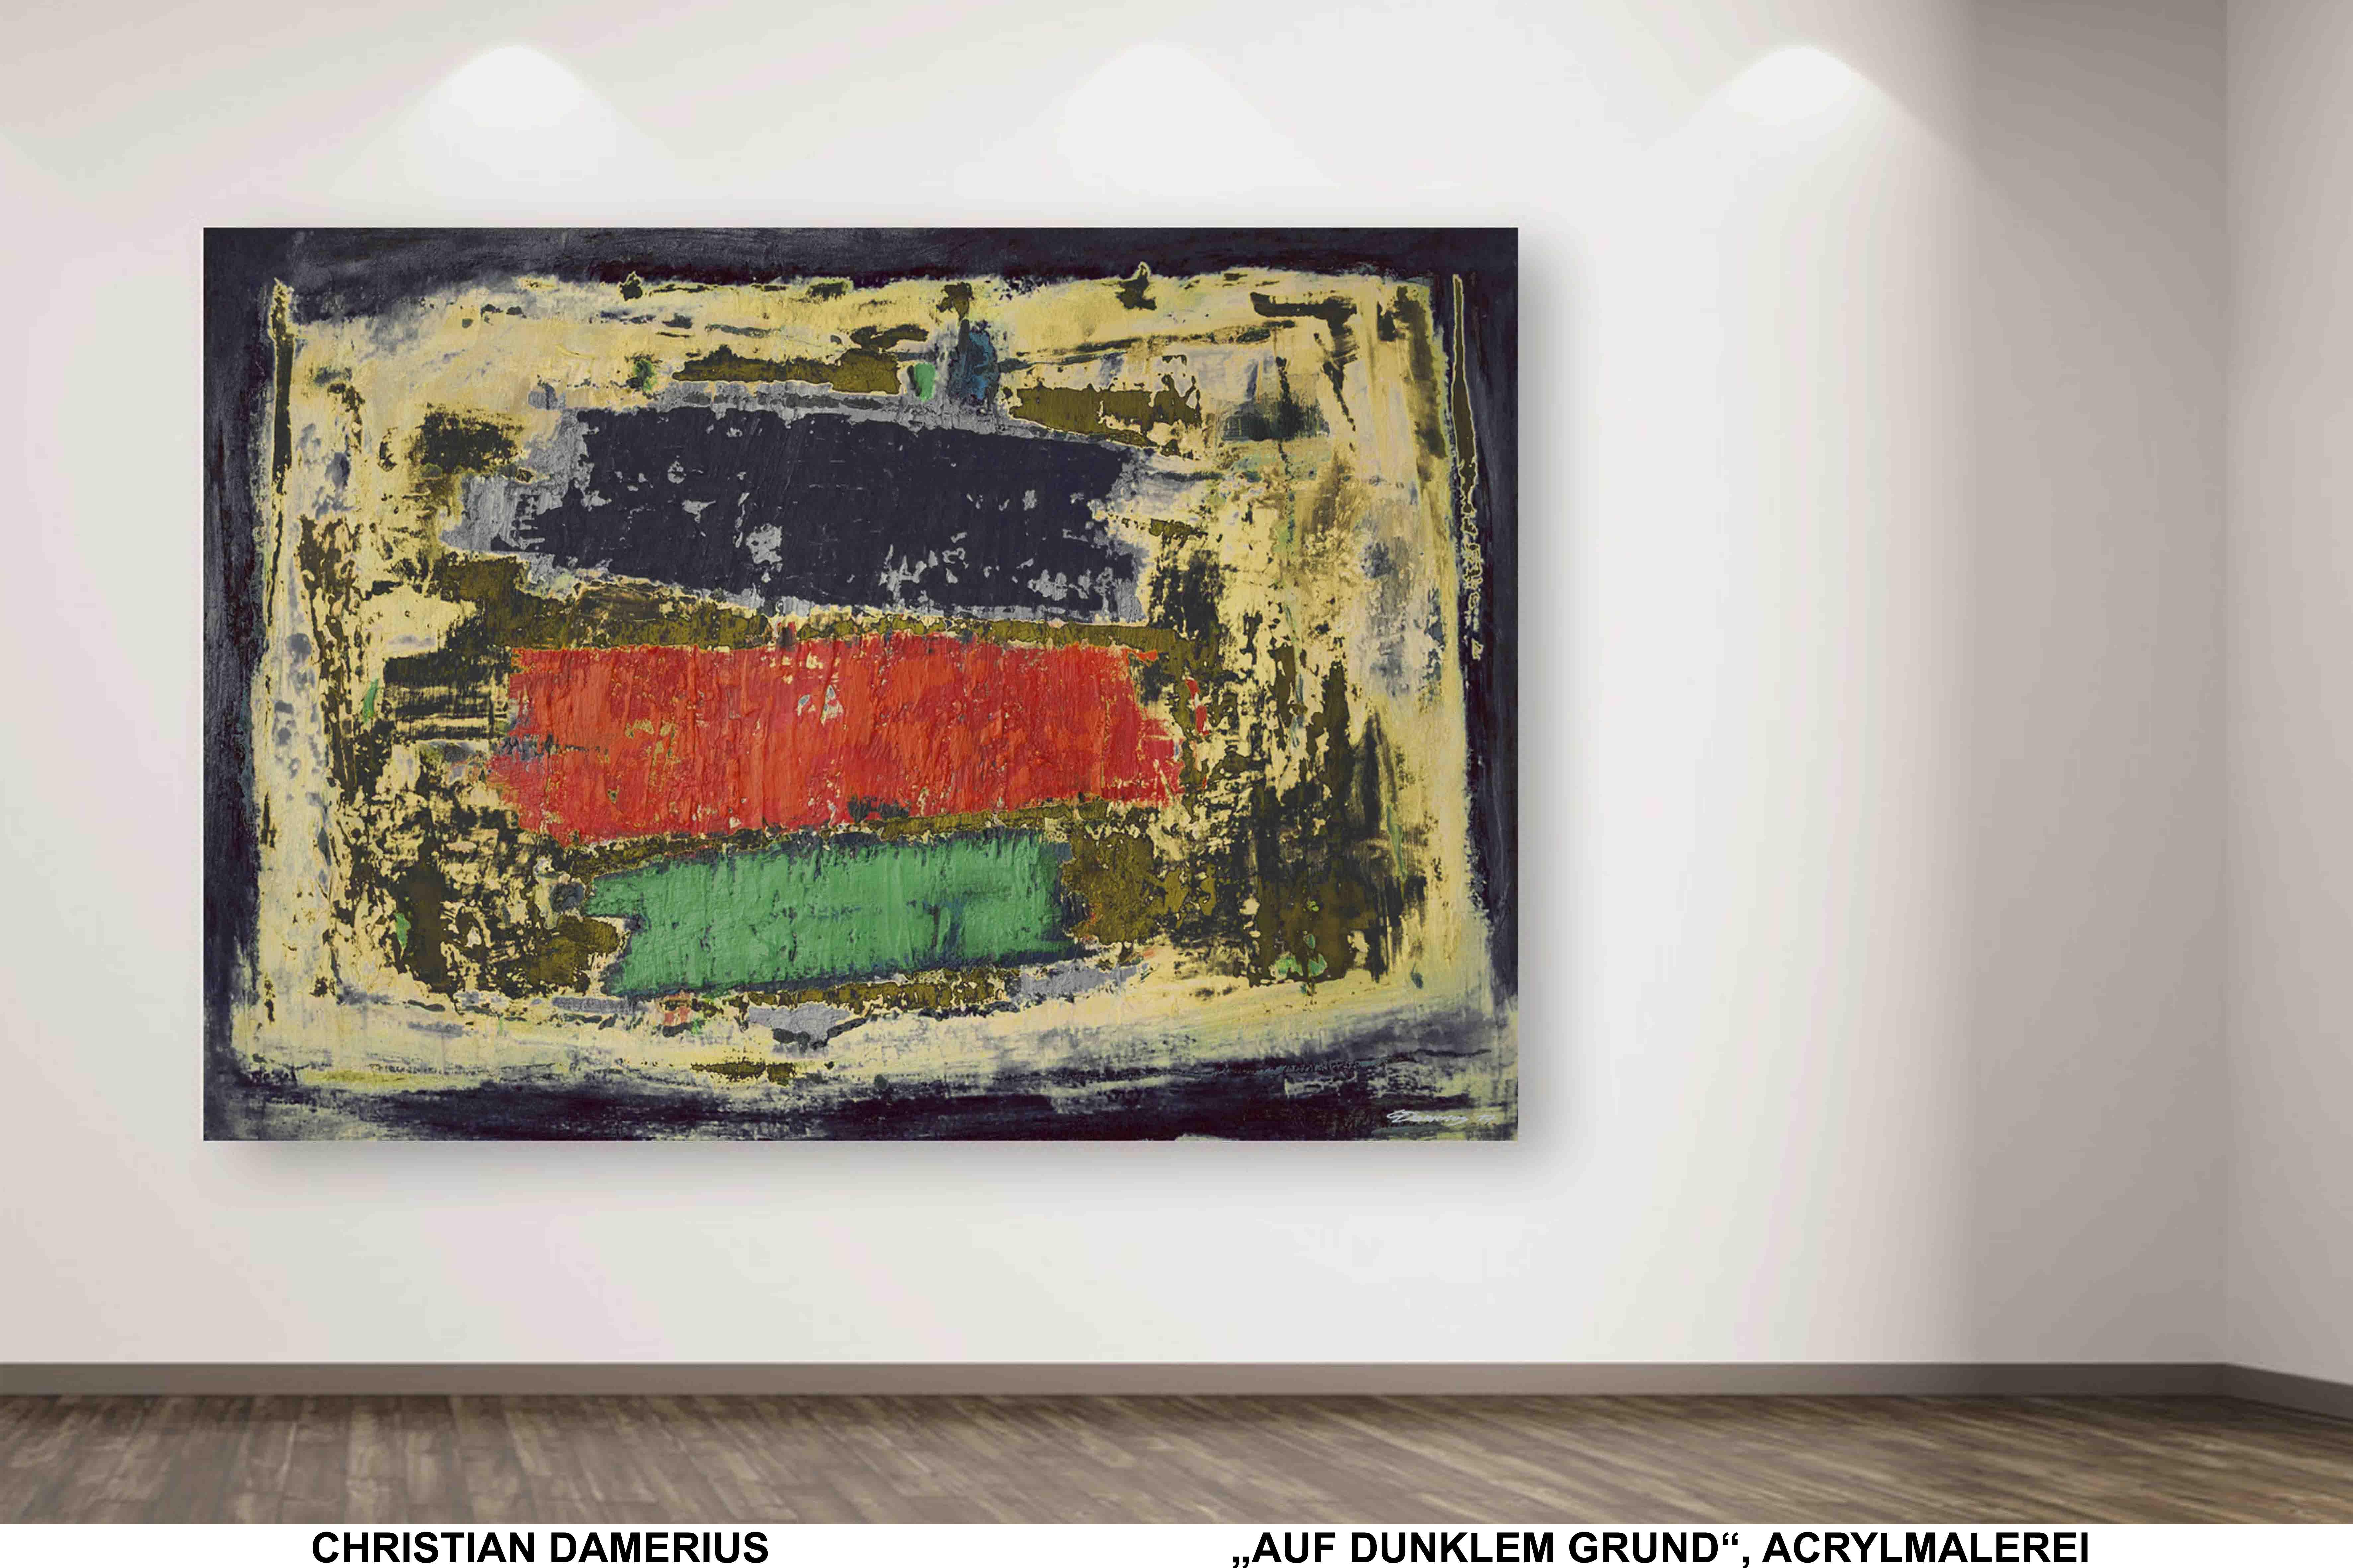 CHRISTIAN DAMERIUS,AUF DUNKLEM GRUND,abstrakte malerei,kunstdrucke kaufen,struktur farben,KREATIVE WANDGESTALTUNG MIT BILDERN,GEMÄLDEN,KUNSTDRUCKEN,WANDGESTALTUNG IN BÜROS WOHNRÄUMEN,BILDER IN HAMBURG KAUFEN,ONLINE KAUFEN,MODERNE MALEREI KUNST,WER MALT MODERNE AUFTRAGSBILDER,AUFTRAGSMALEREI